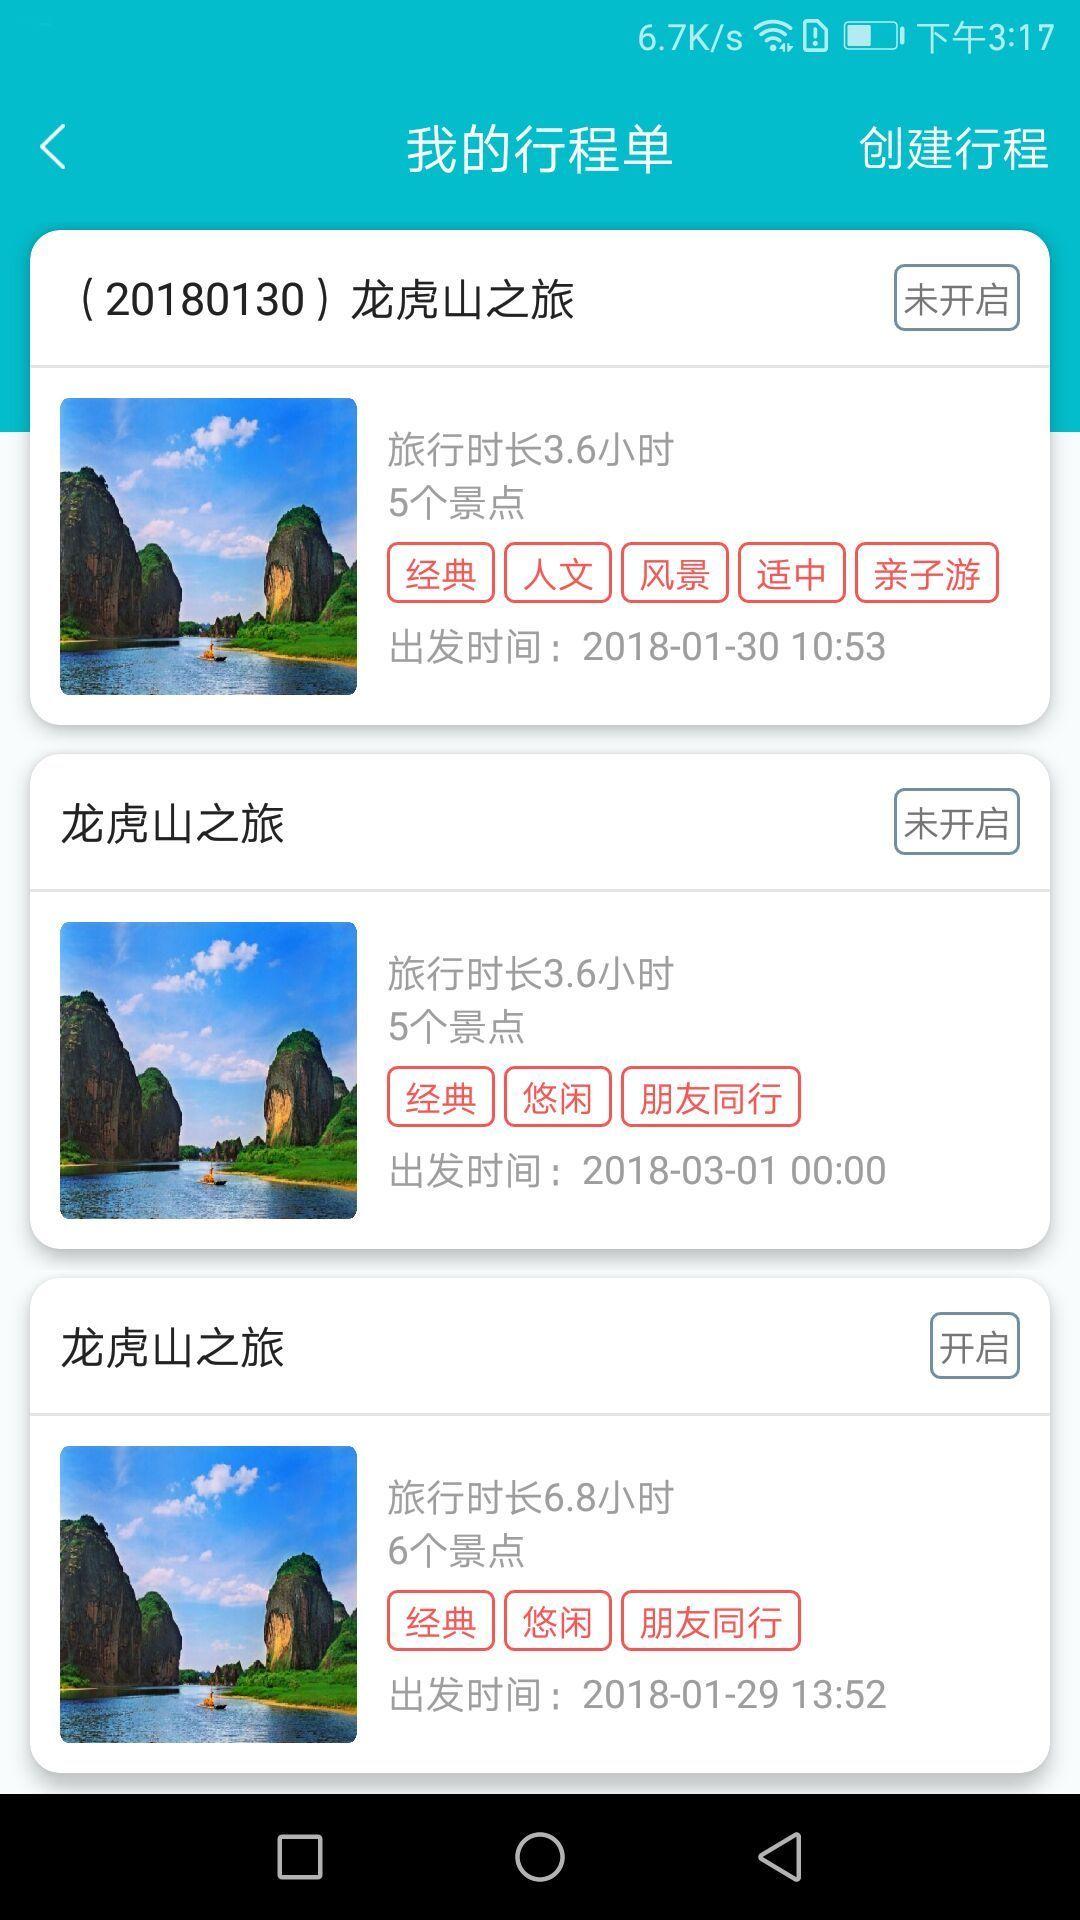 绎景通官方手机版app图2: